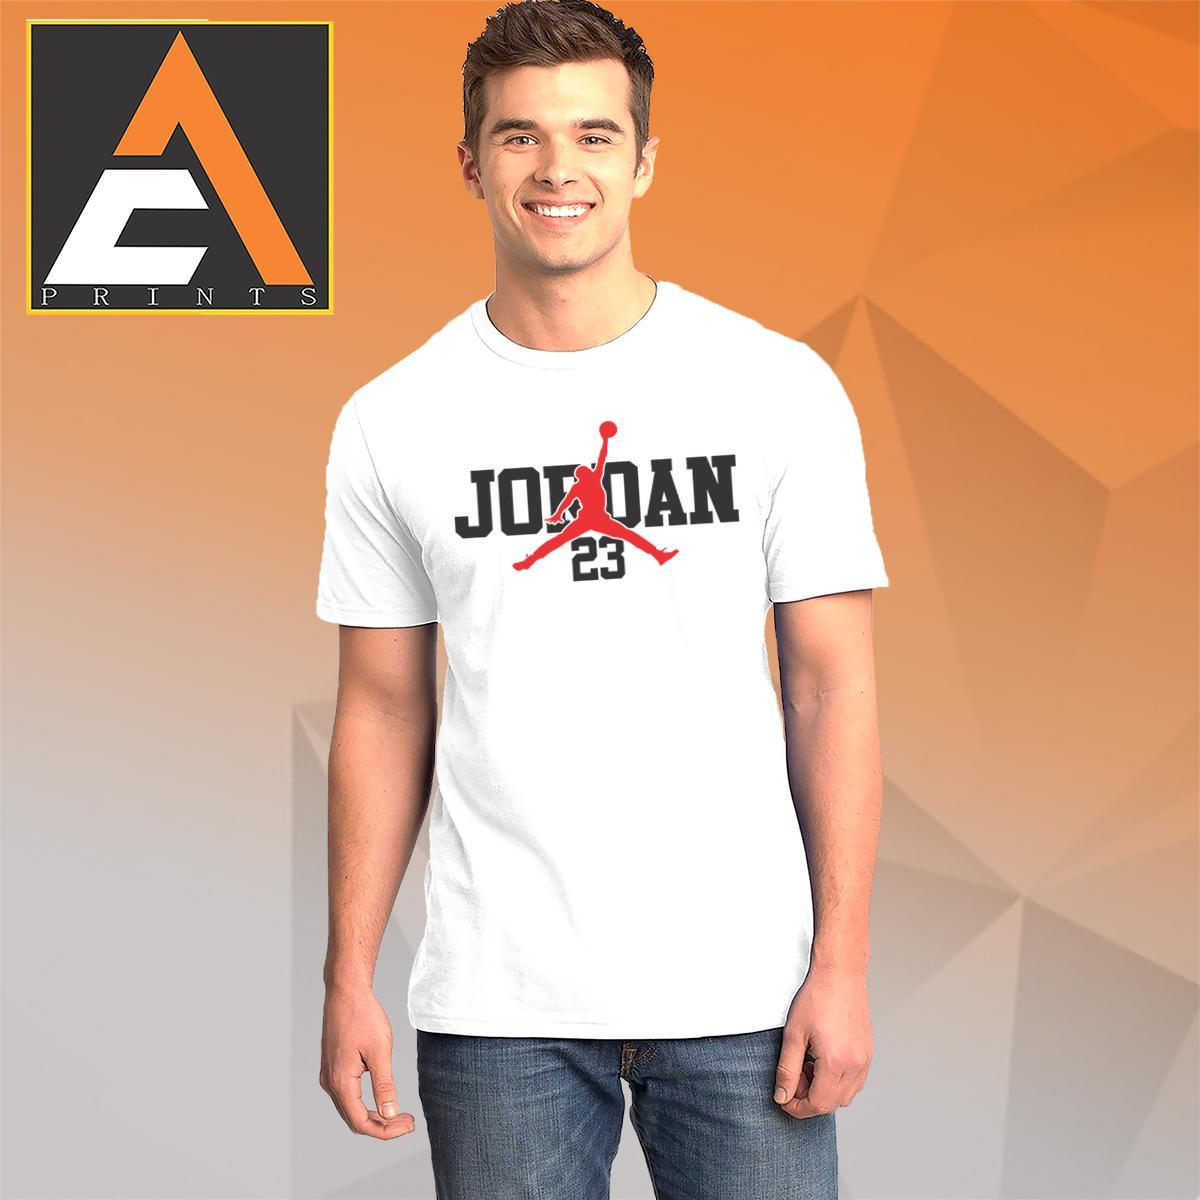 db392fac709d Jordan shirt Michael Jordan shirt Basketball tshirt Basketball shirt Shirt  Unisex(Men Women)